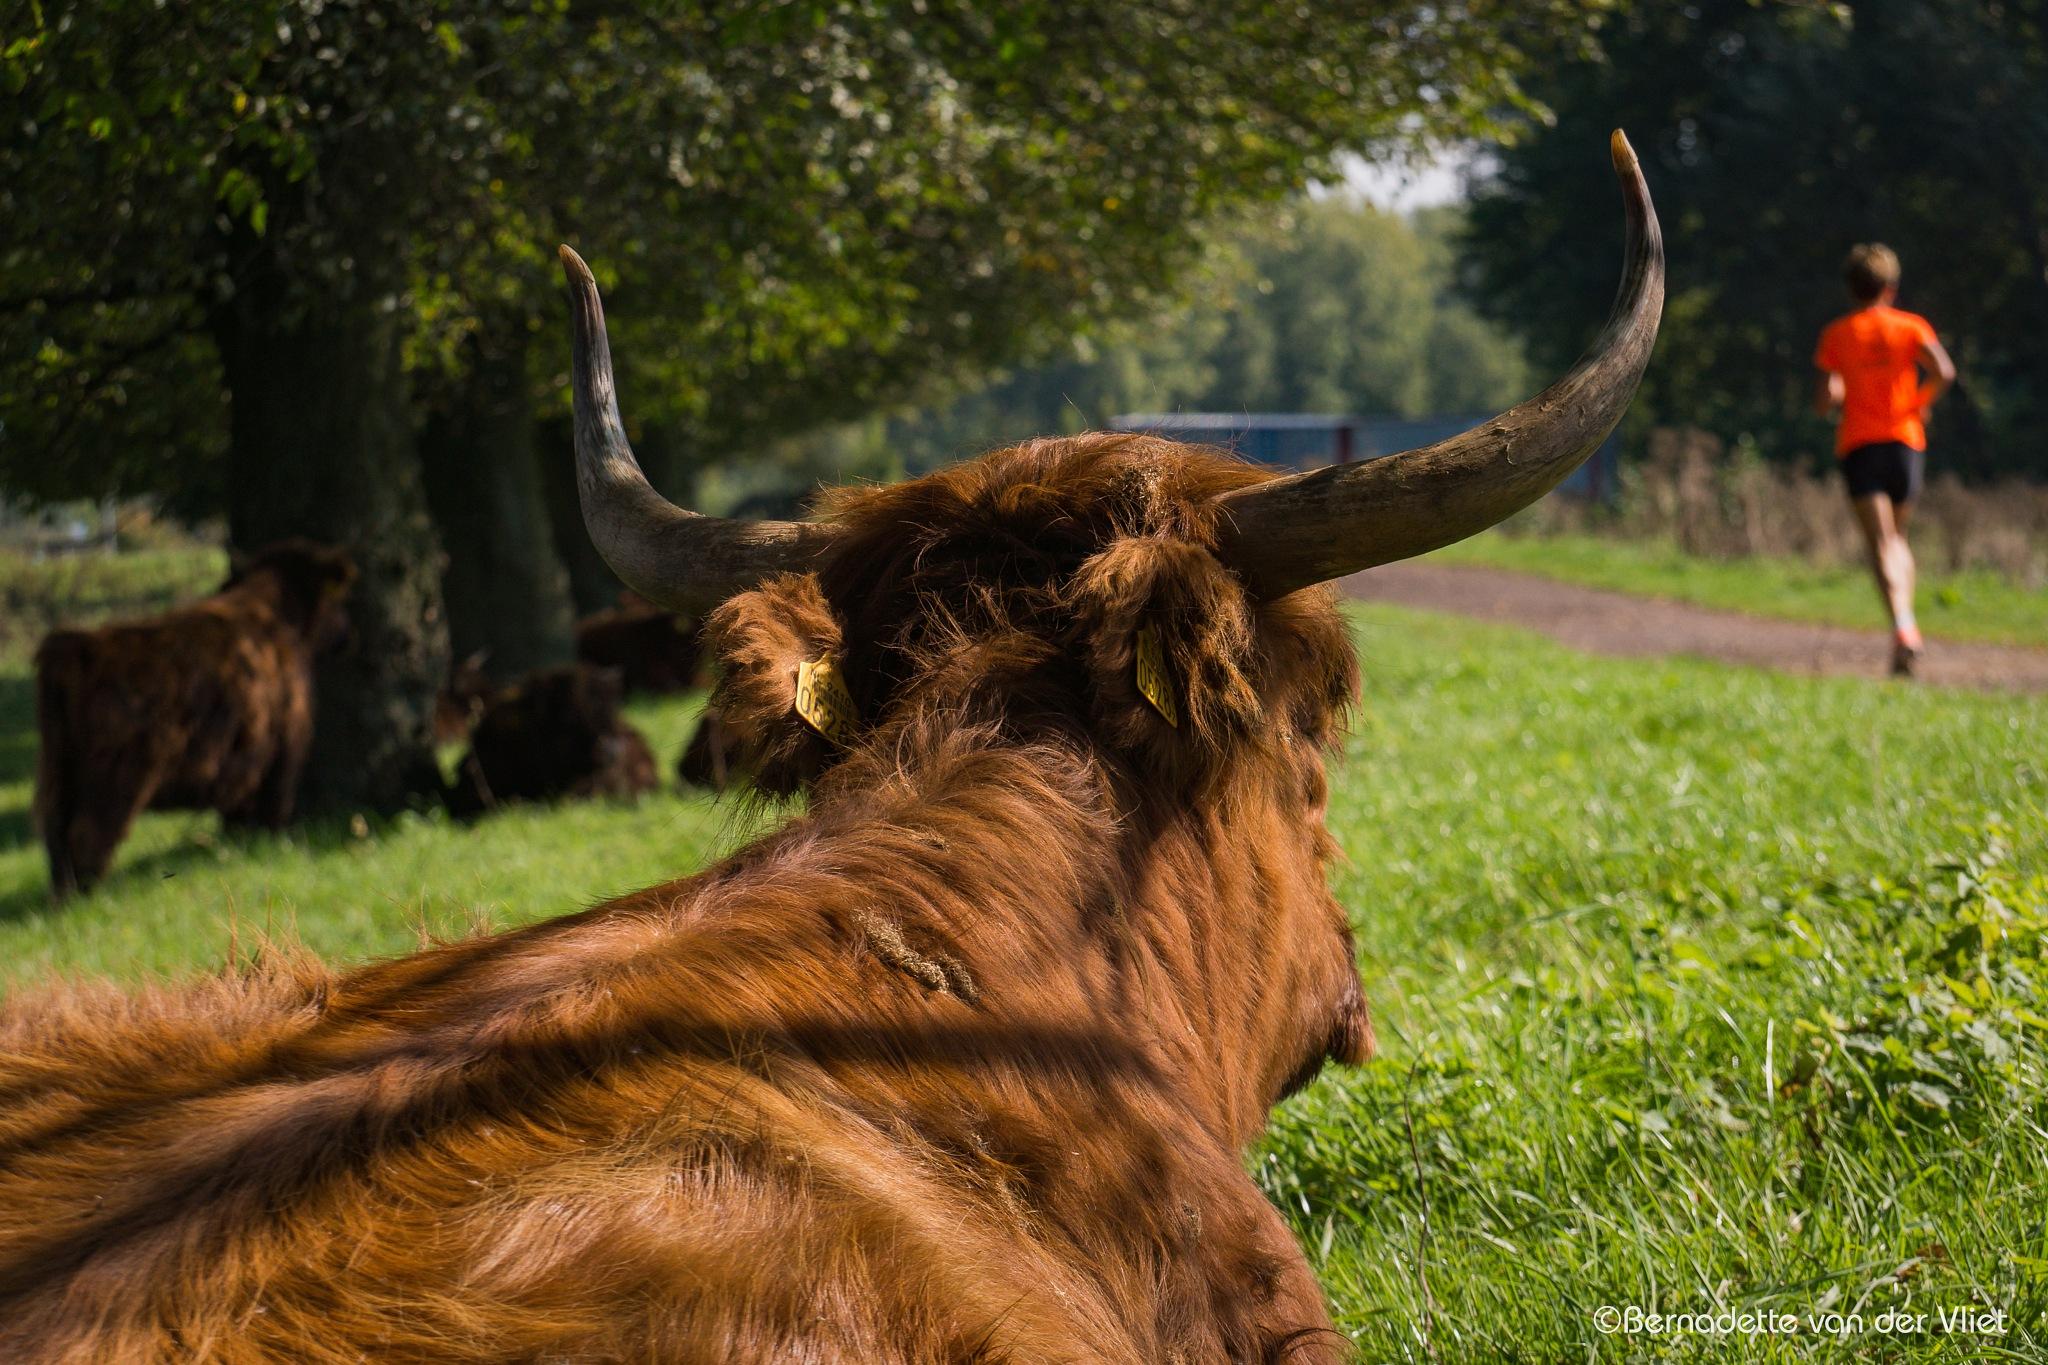 Cow and runner by Bernadette van der Vliet